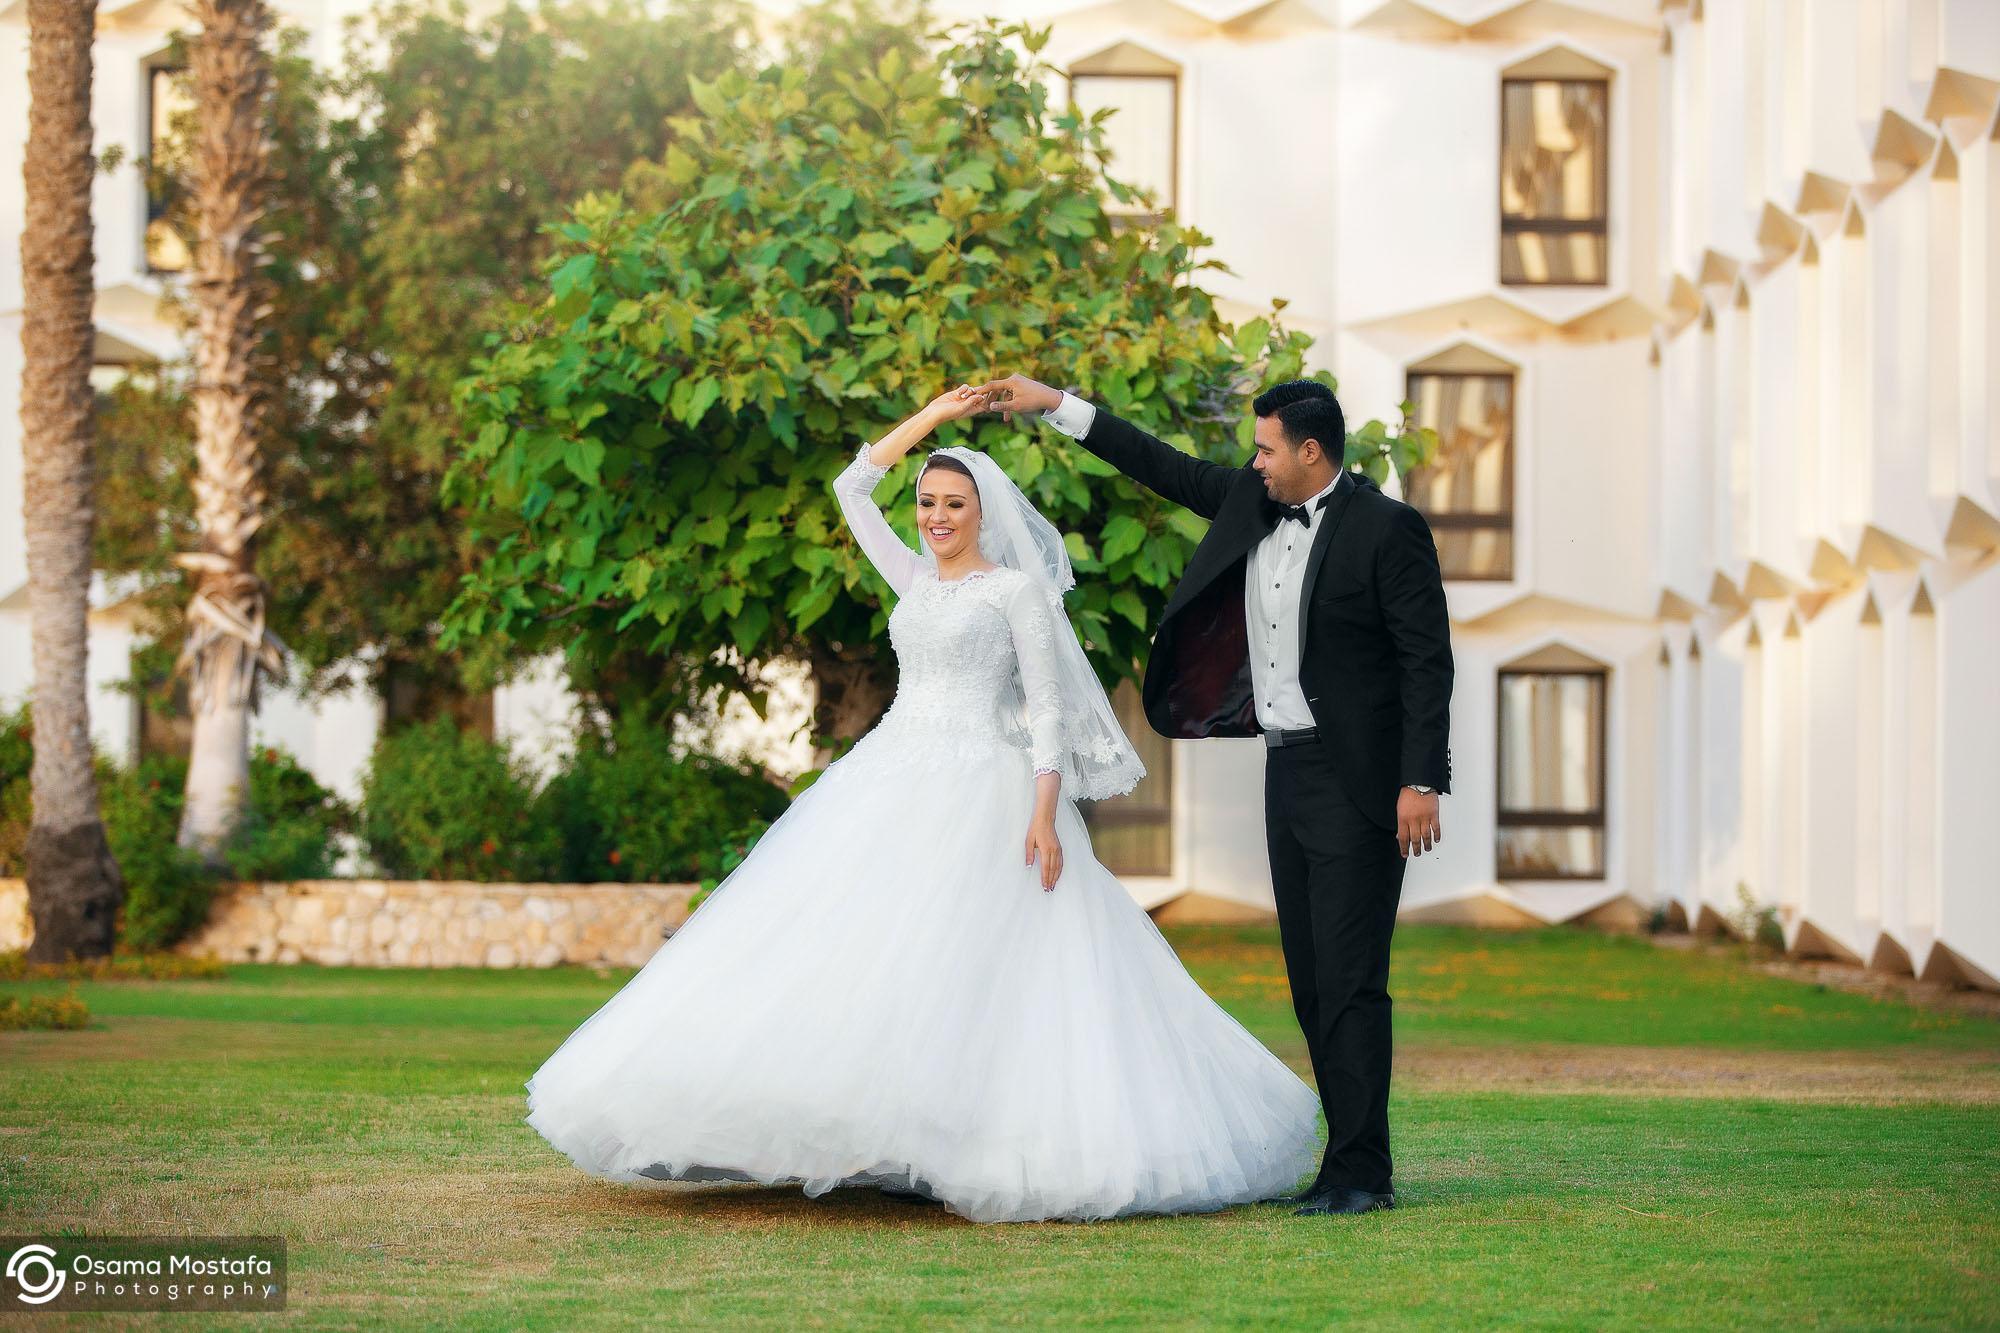 Rania & Gehad